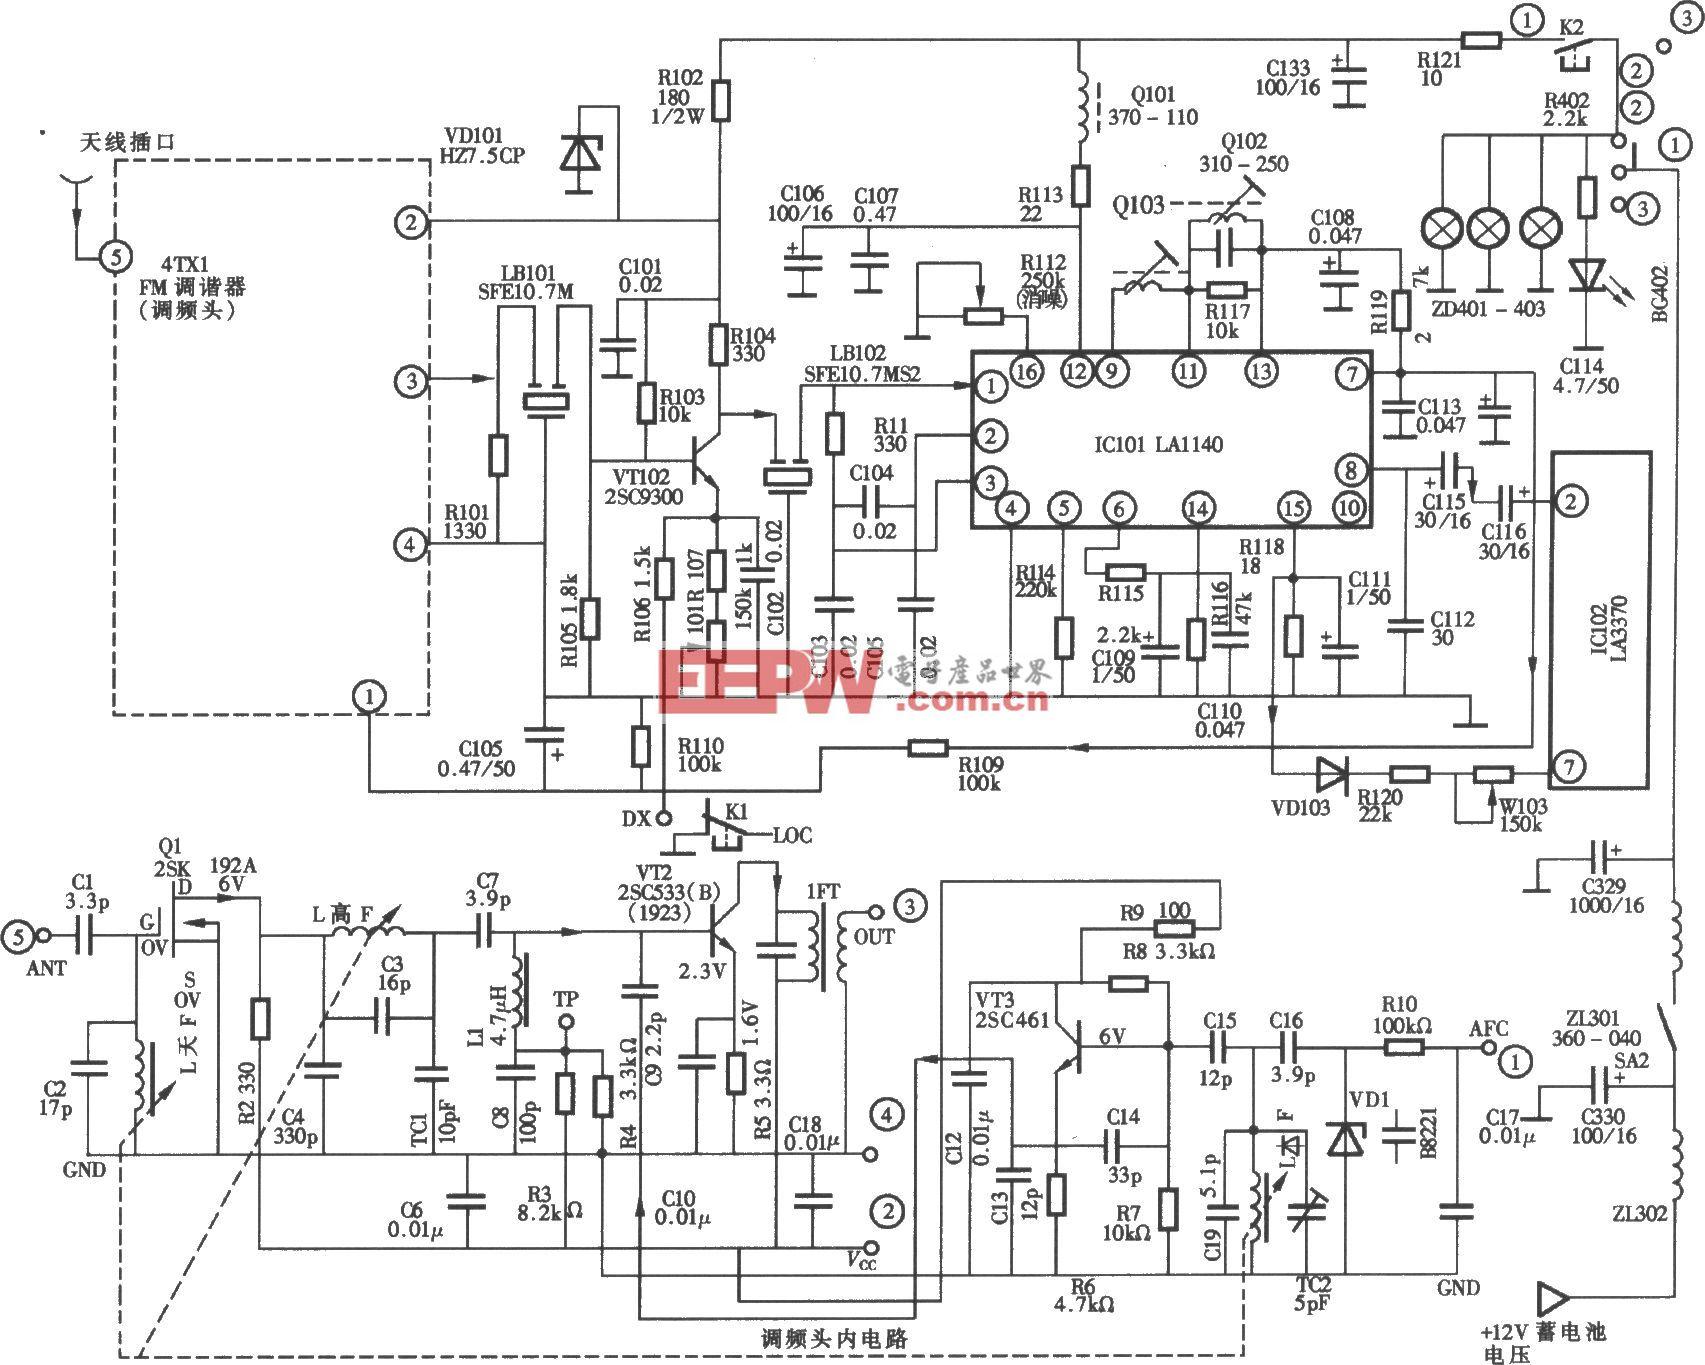 桑塔纳轿车配置凯歌牌4B20C型汽车音响收音调谐中放电路